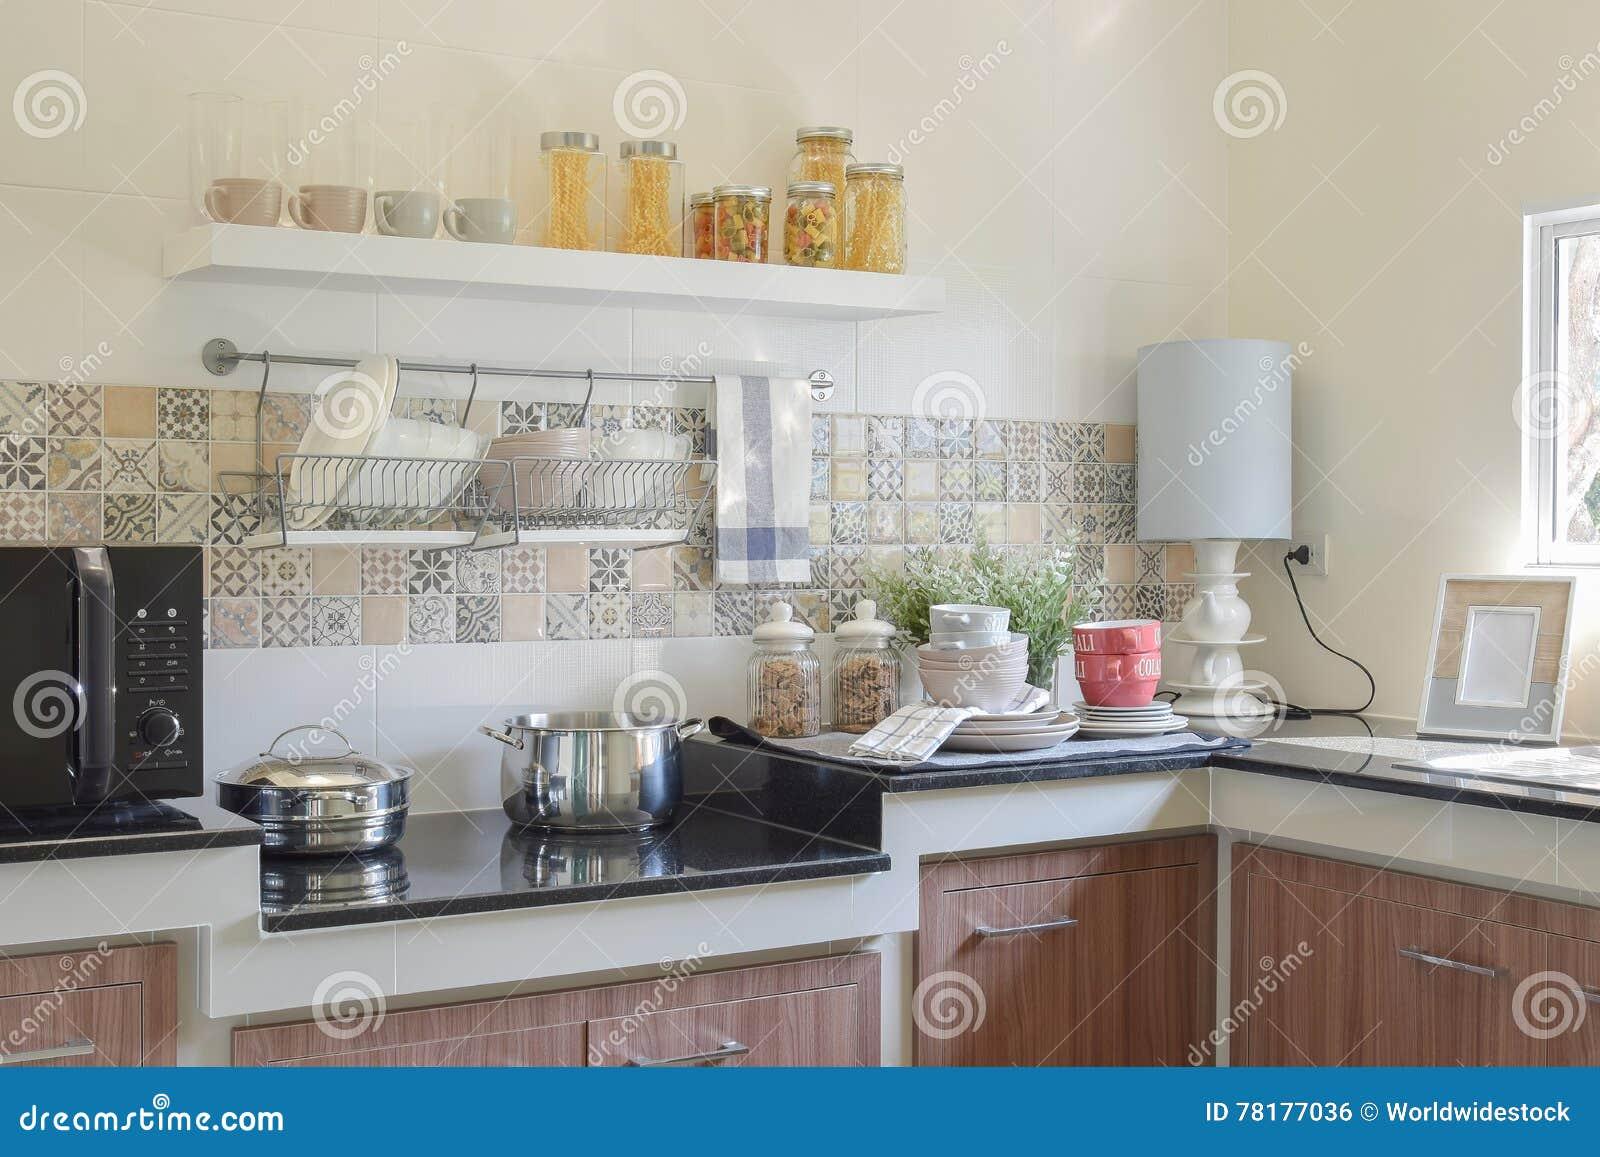 Art culos de cocina y utensilios de cer mica modernos en for Articulos de cocina